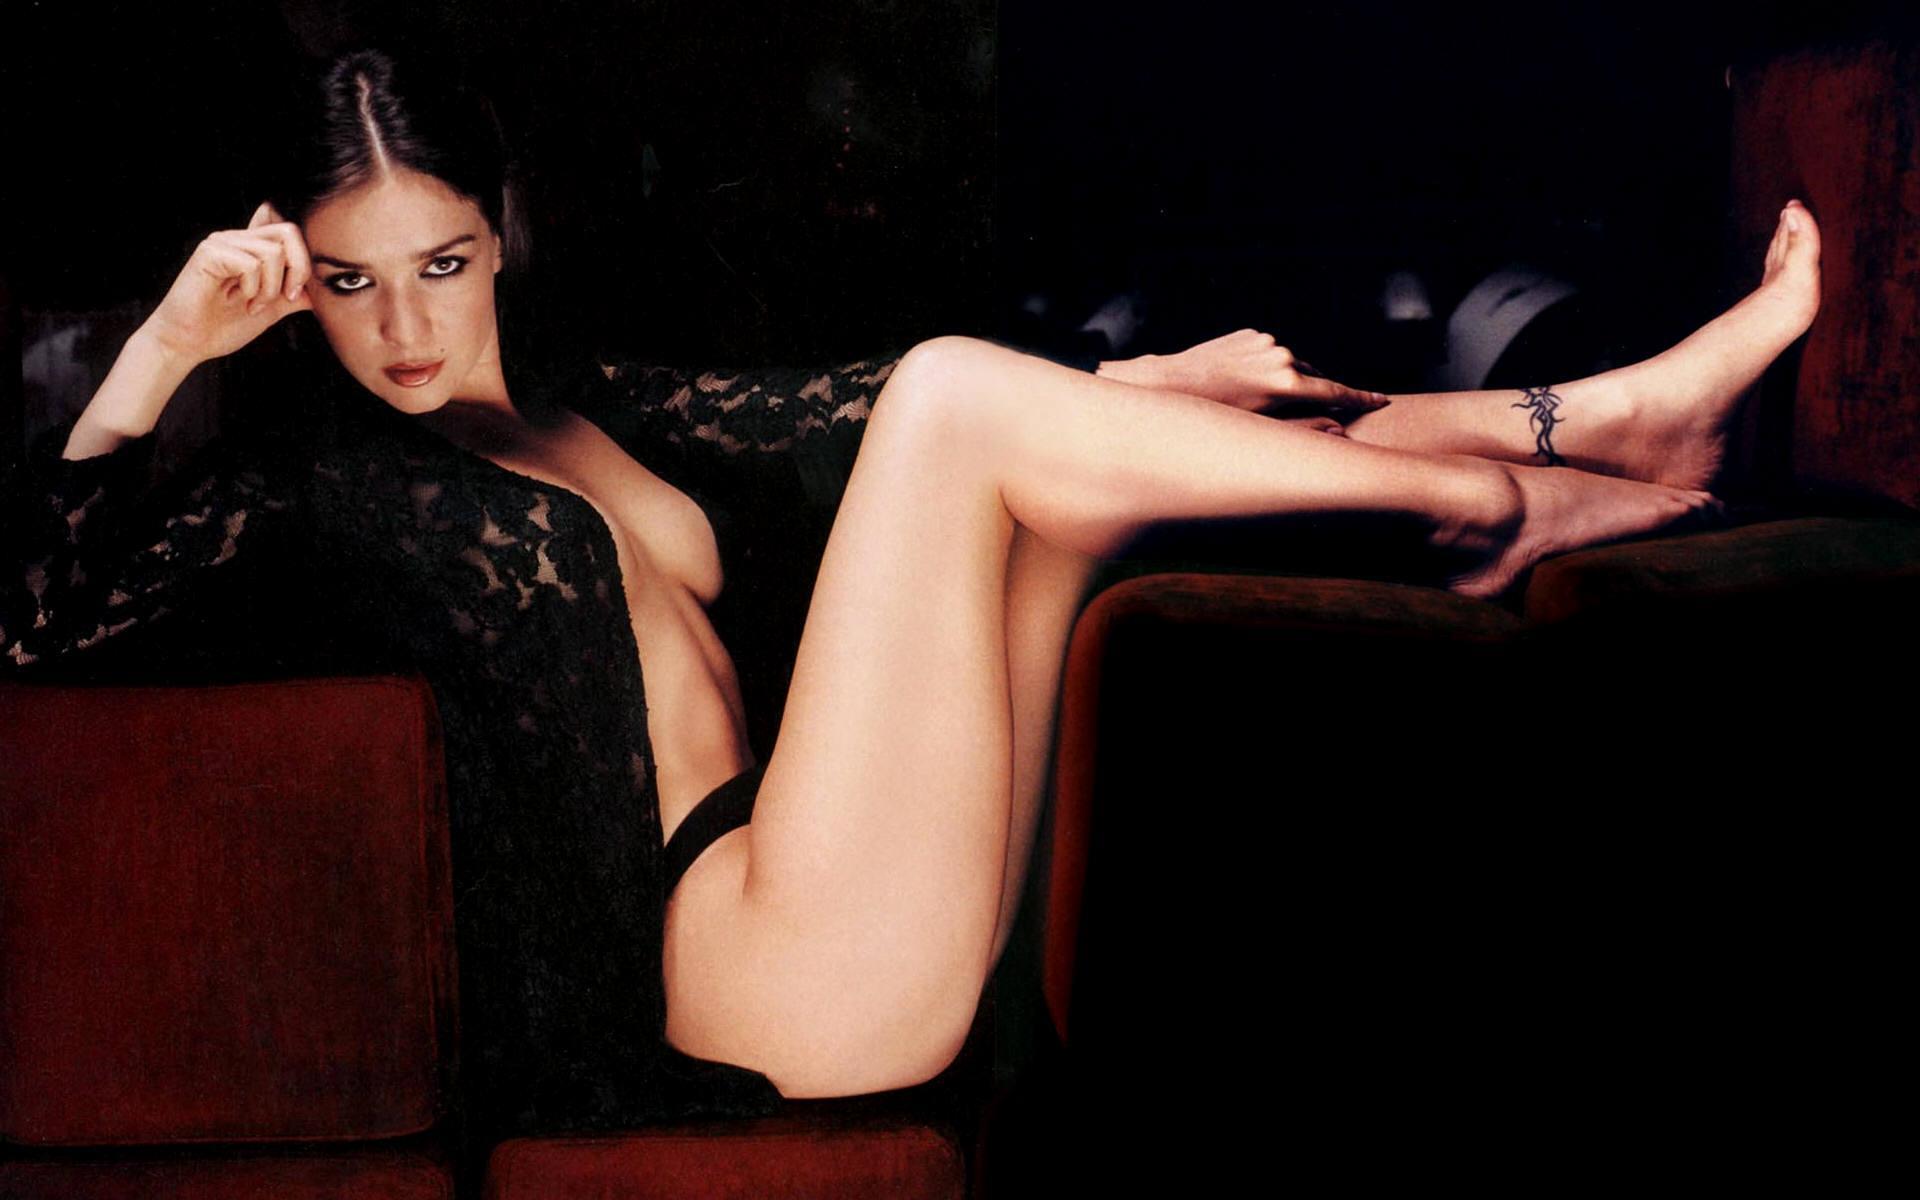 Эротическое фото наталии орейро 5 фотография